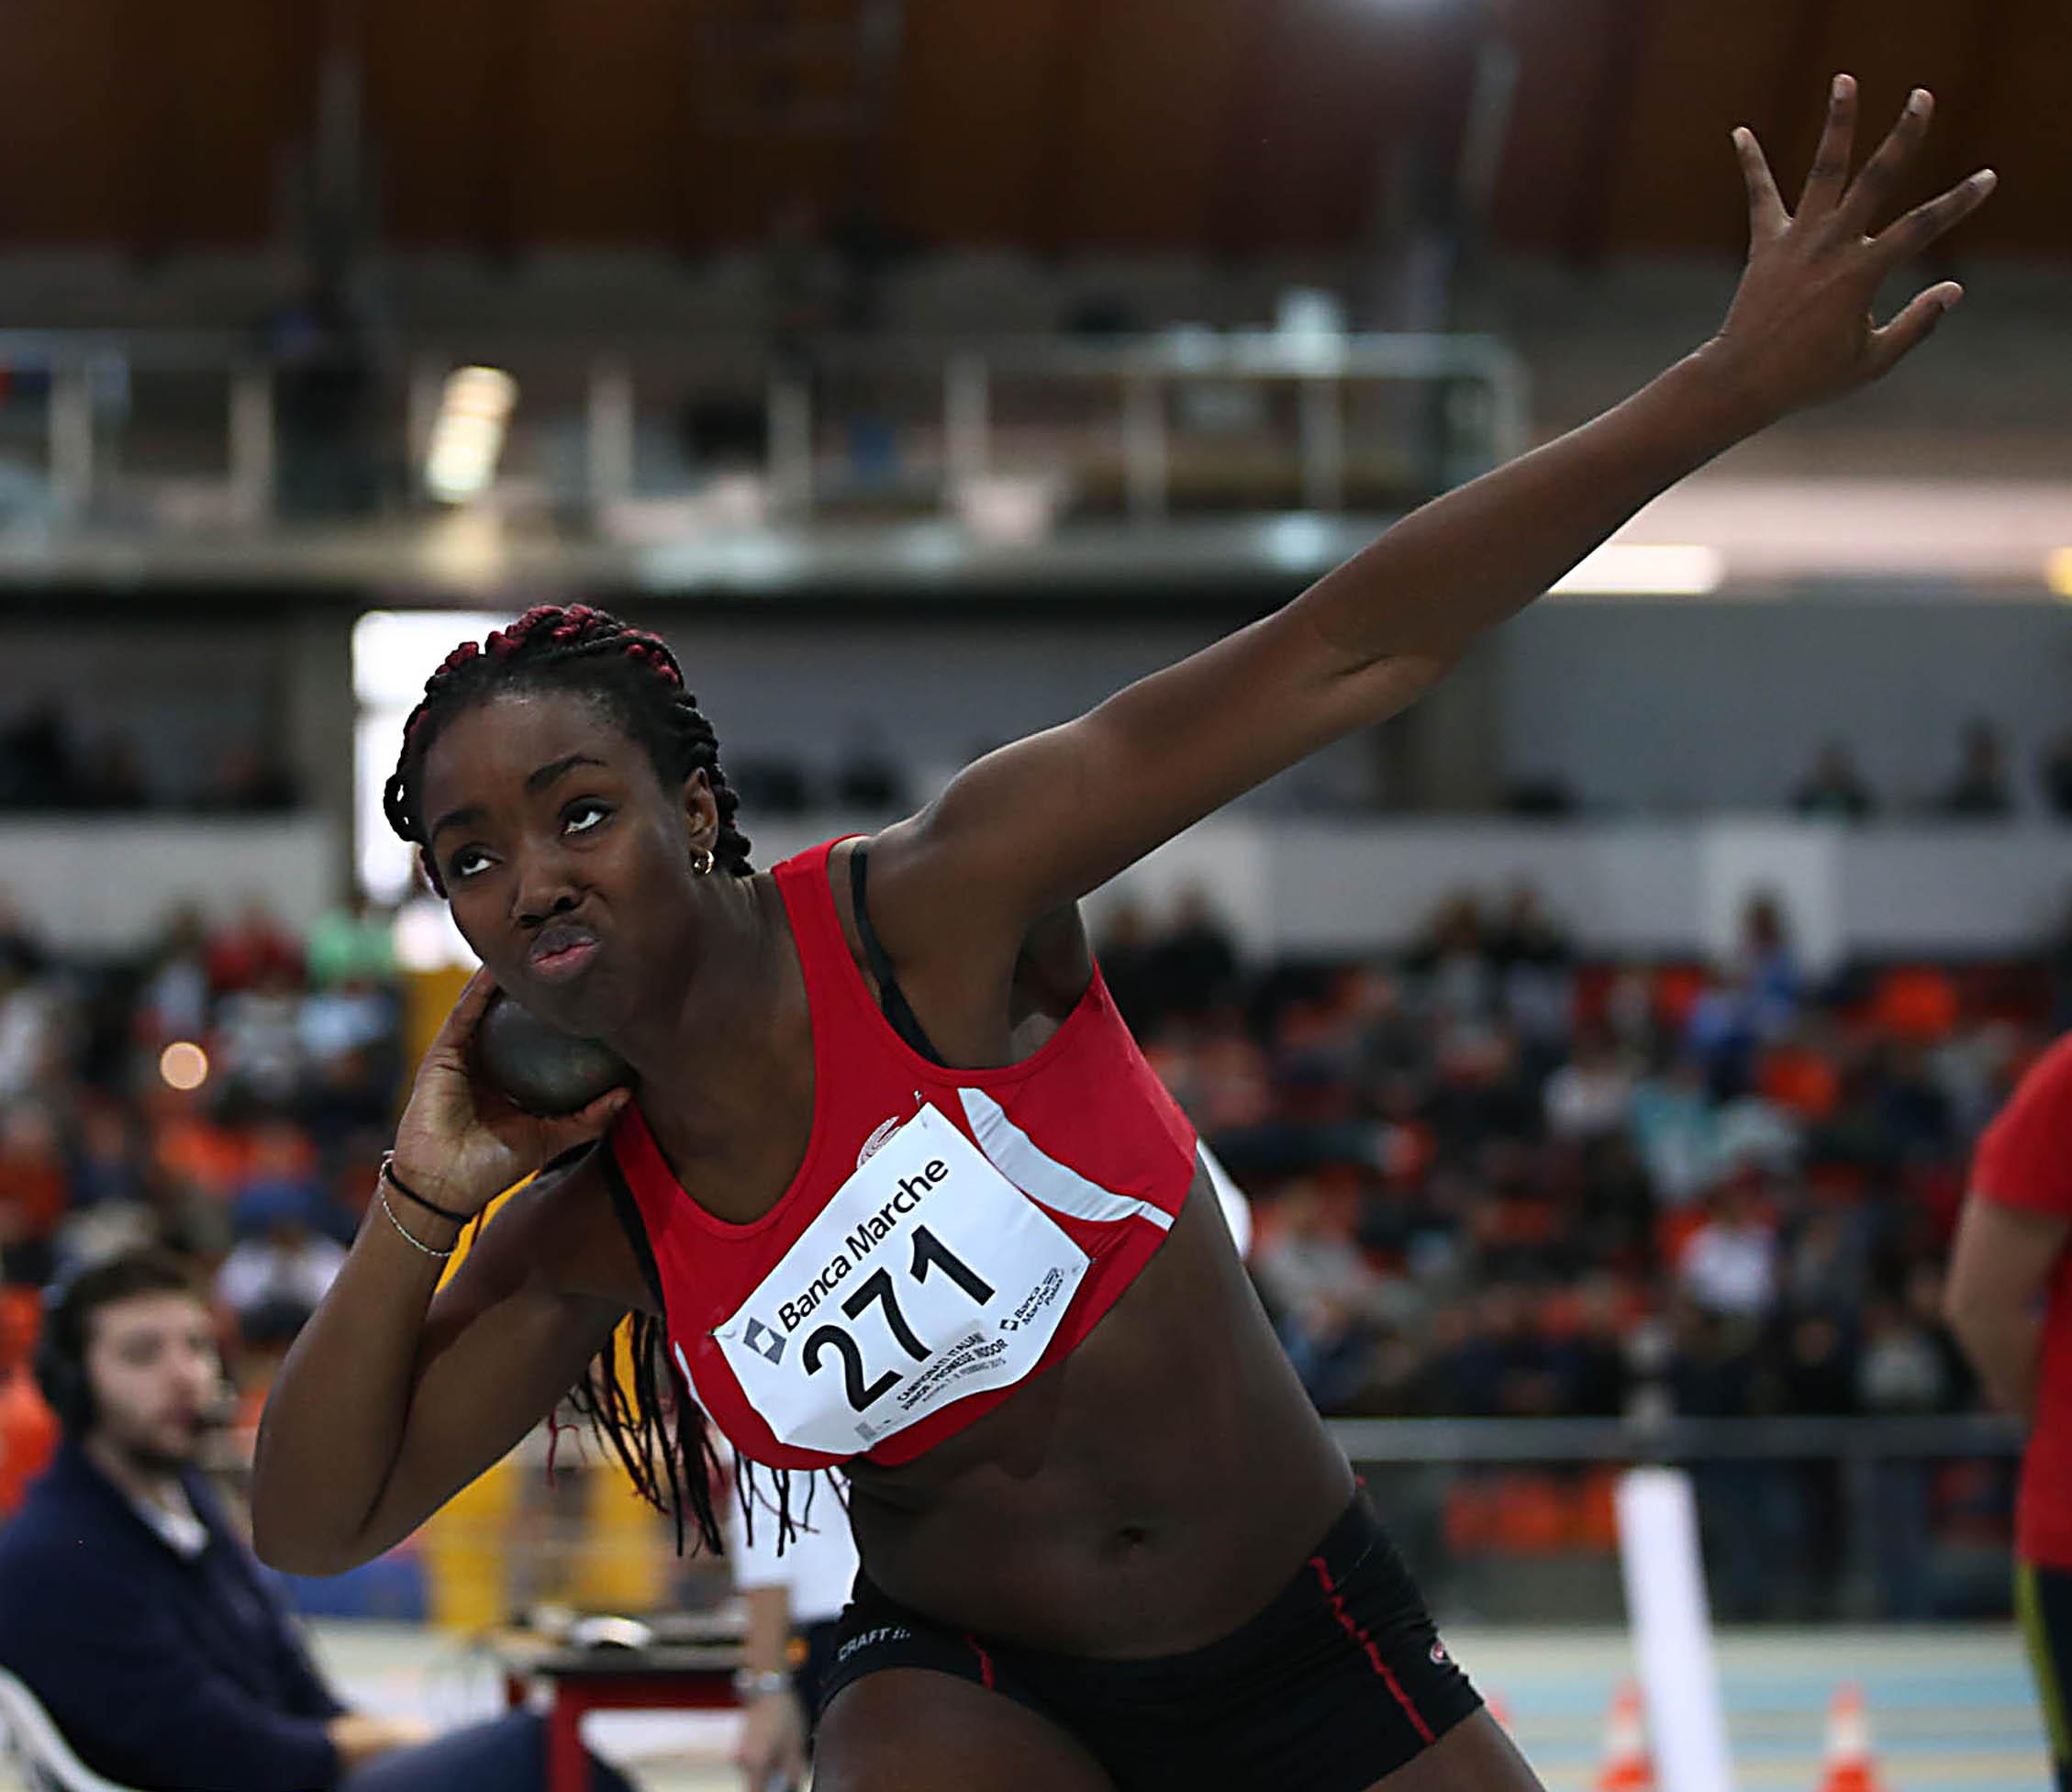 Campionessa di atletica ferita ad un occhio, Ederoclite: